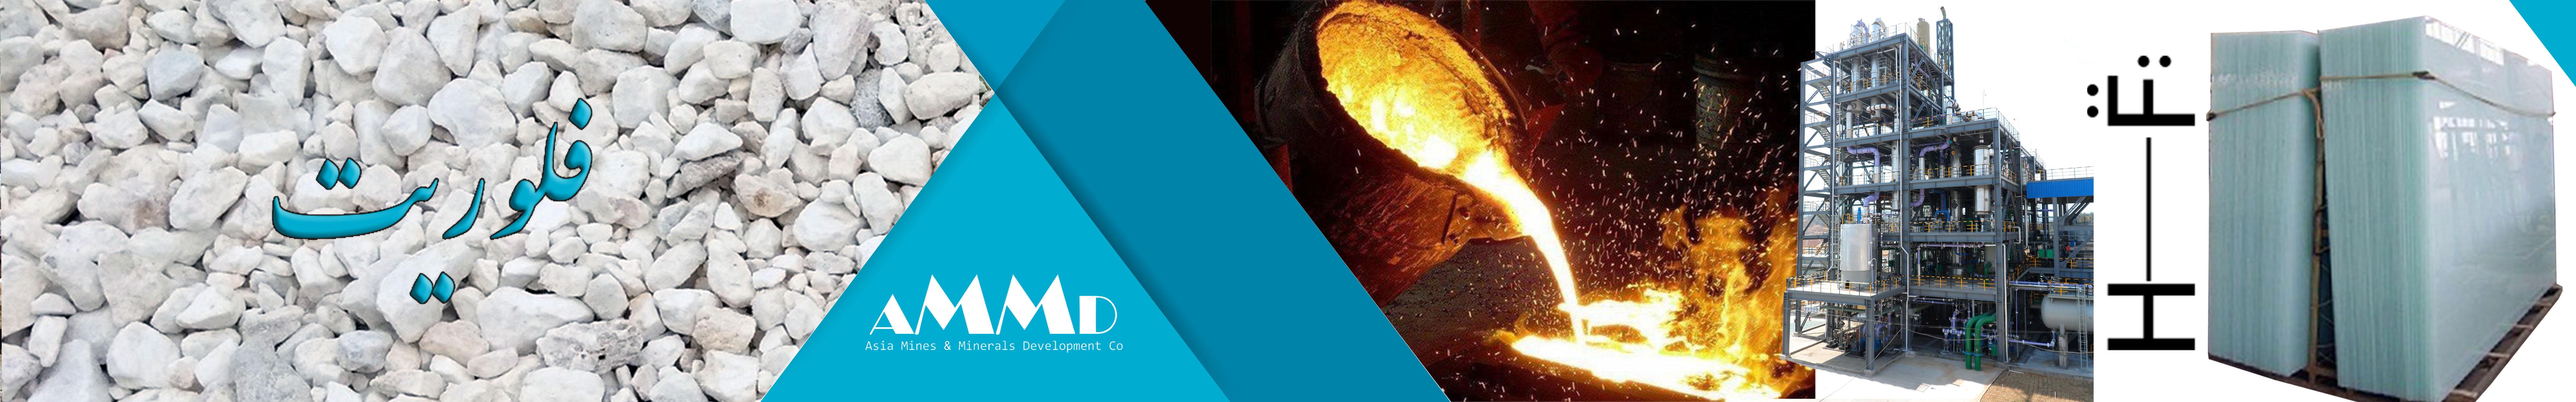 fluorspar فلوراسپار فلورین فلوریت خرید صادرات کلوخه معدن فلورین تولید سنگ پودر فلوریت کلسیم فلوراید